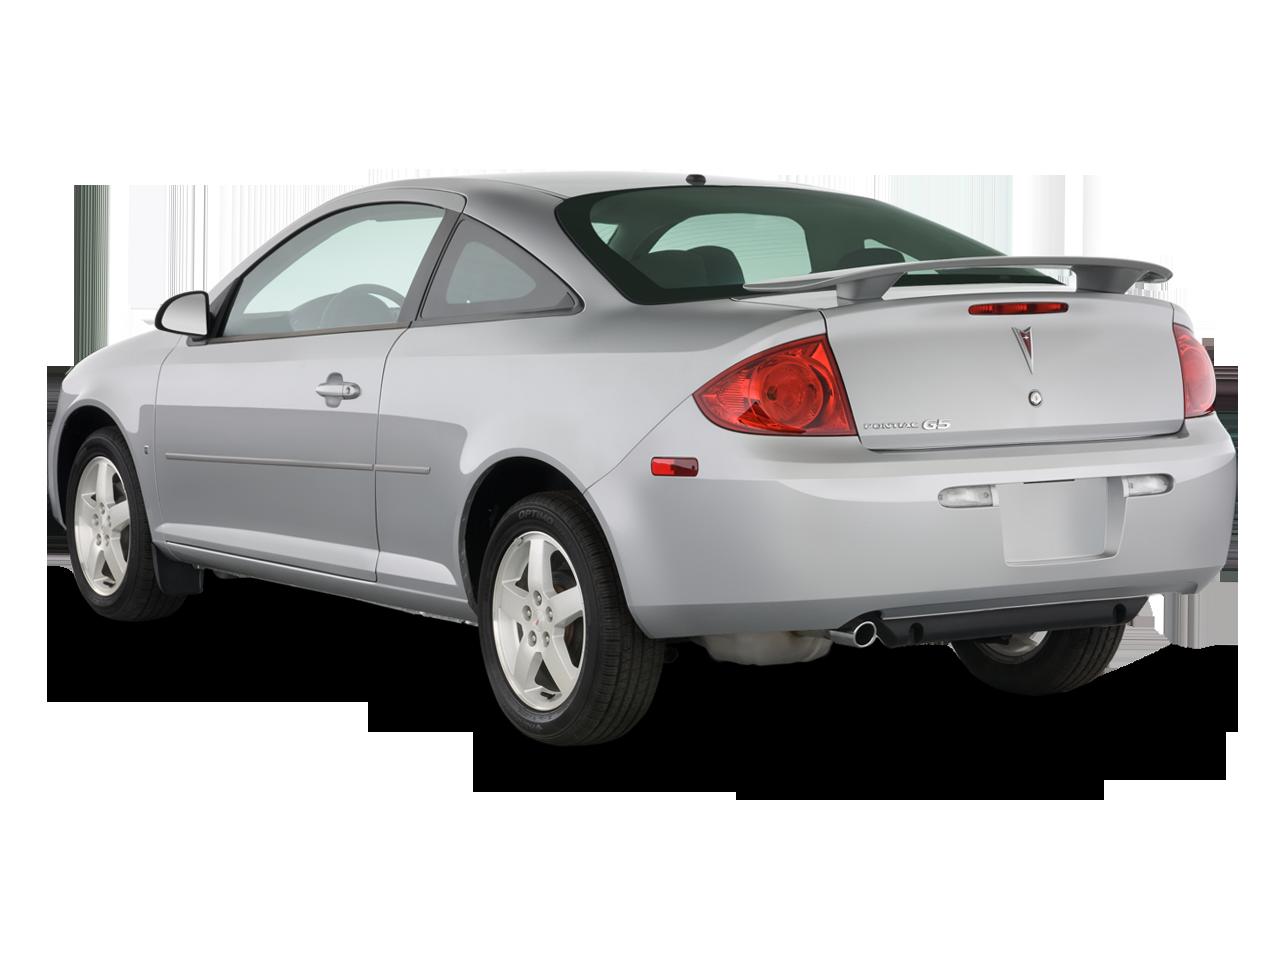 Pontiac G4 2005 - 2010 Sedan #3